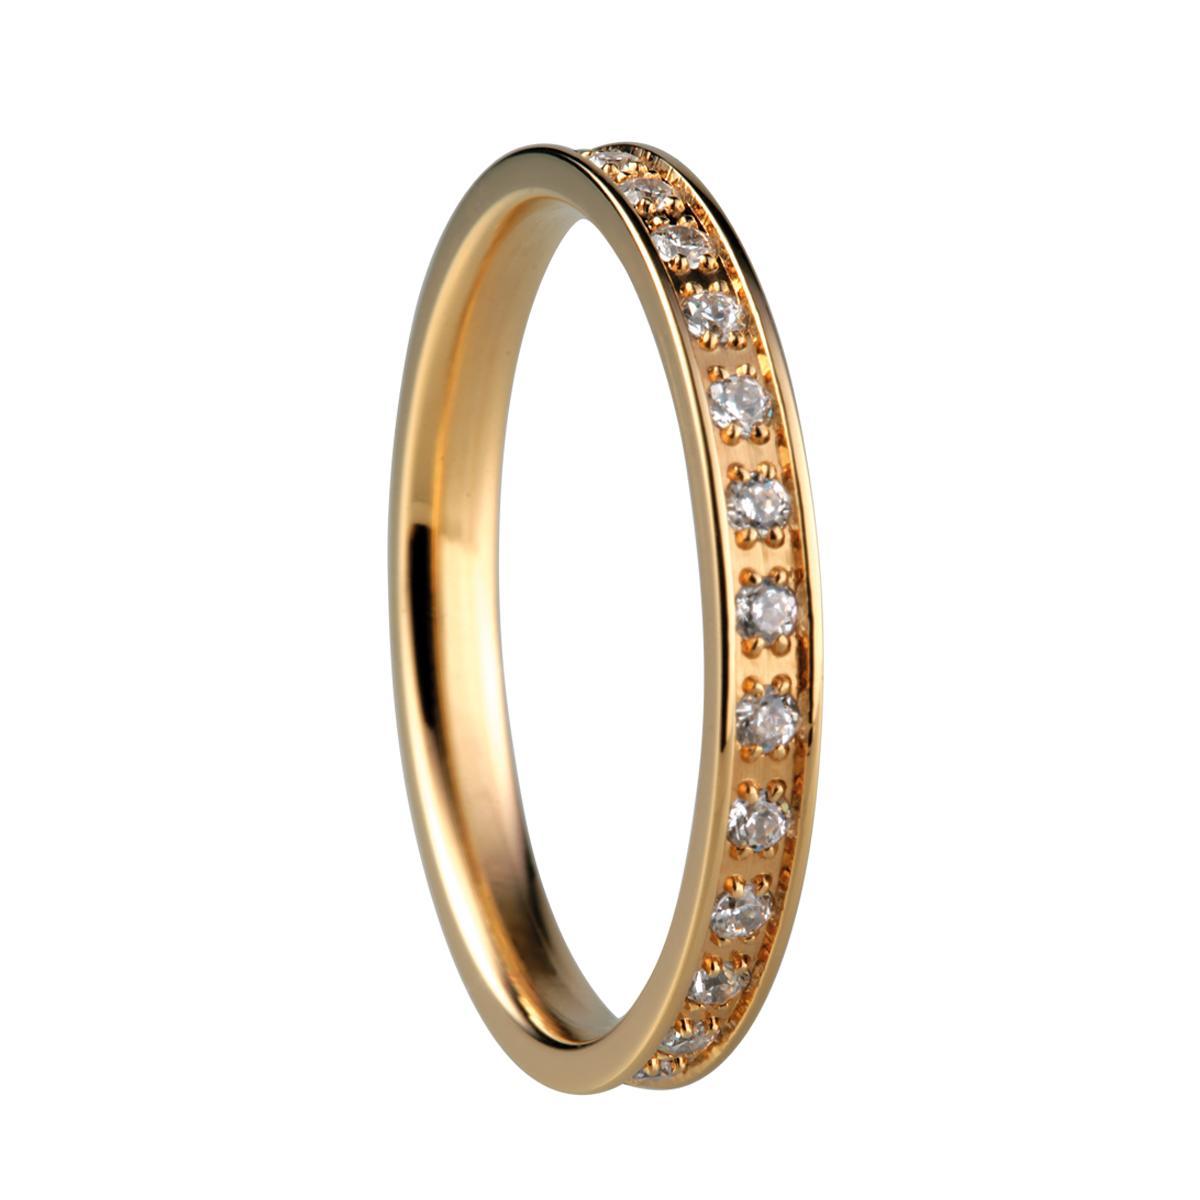 Bering Inner Ring 5562771 1